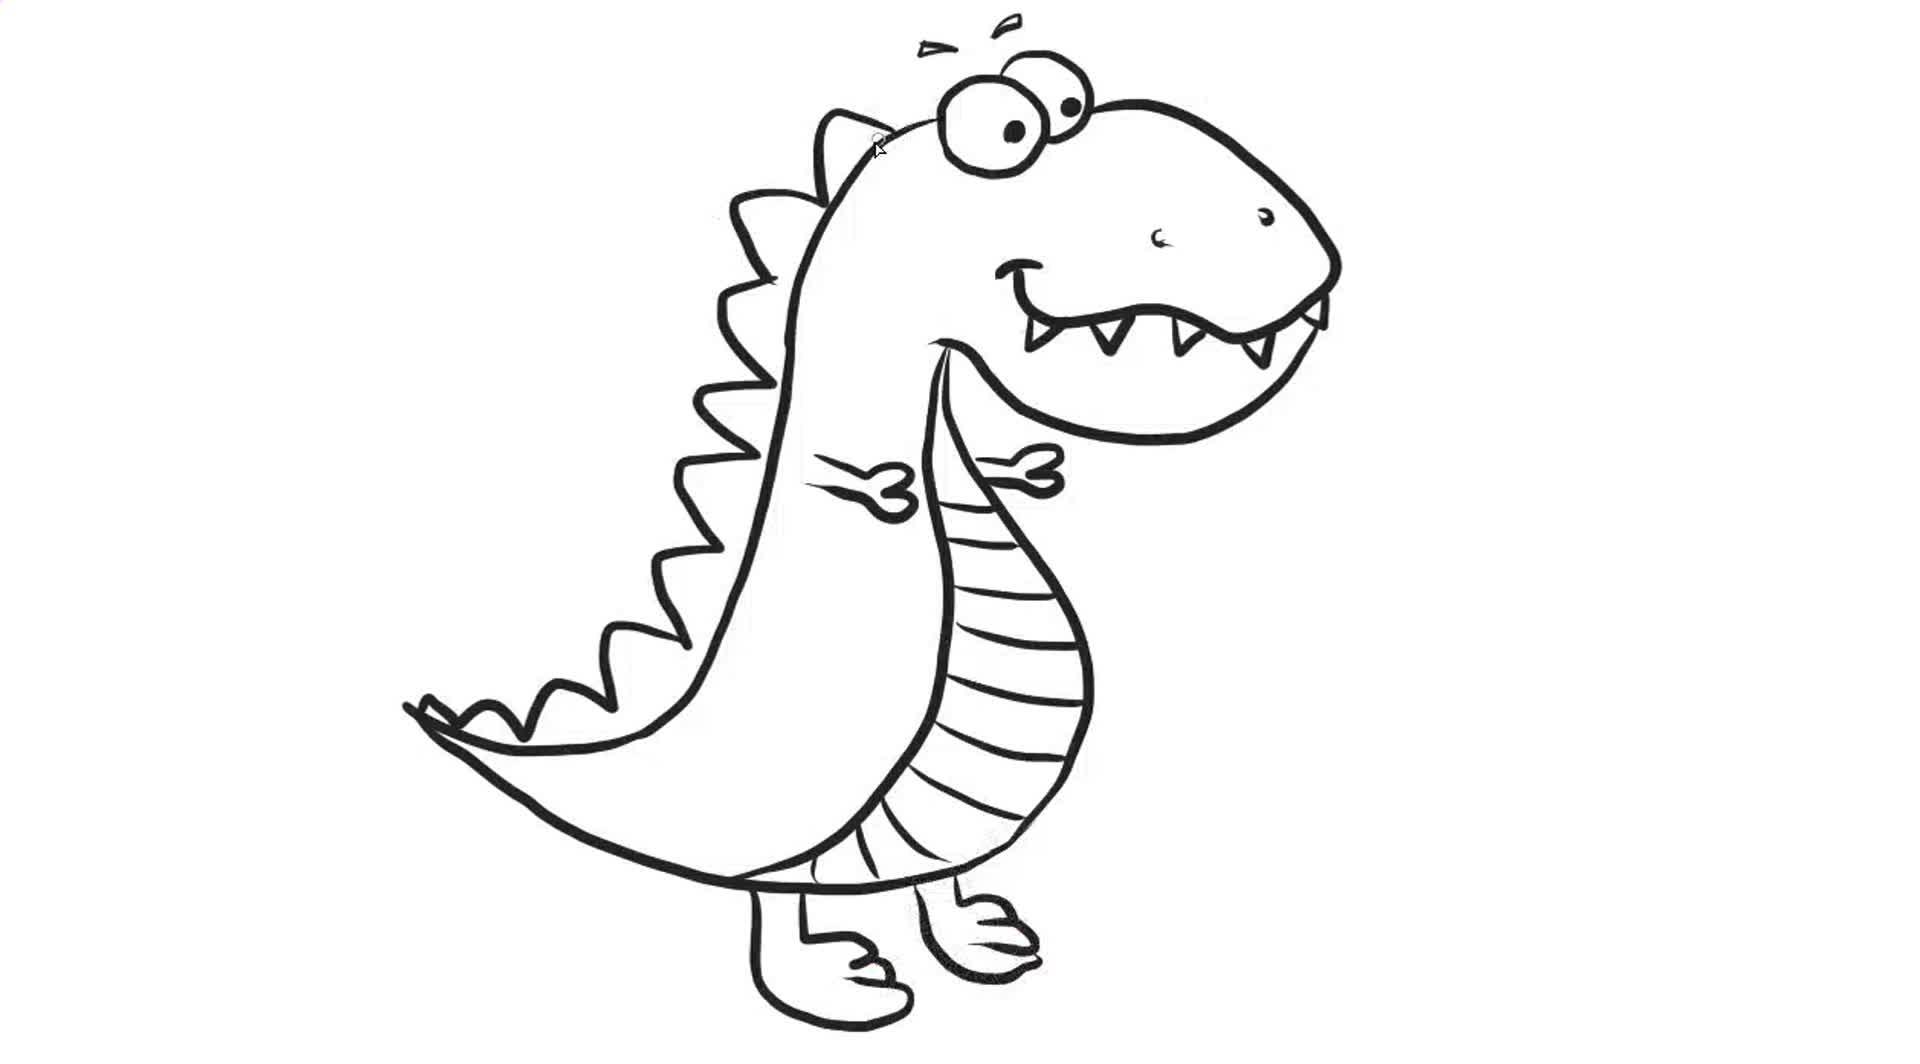 可爱小恐龙幼儿早教亲子简笔画教程 宝宝轻松学画画